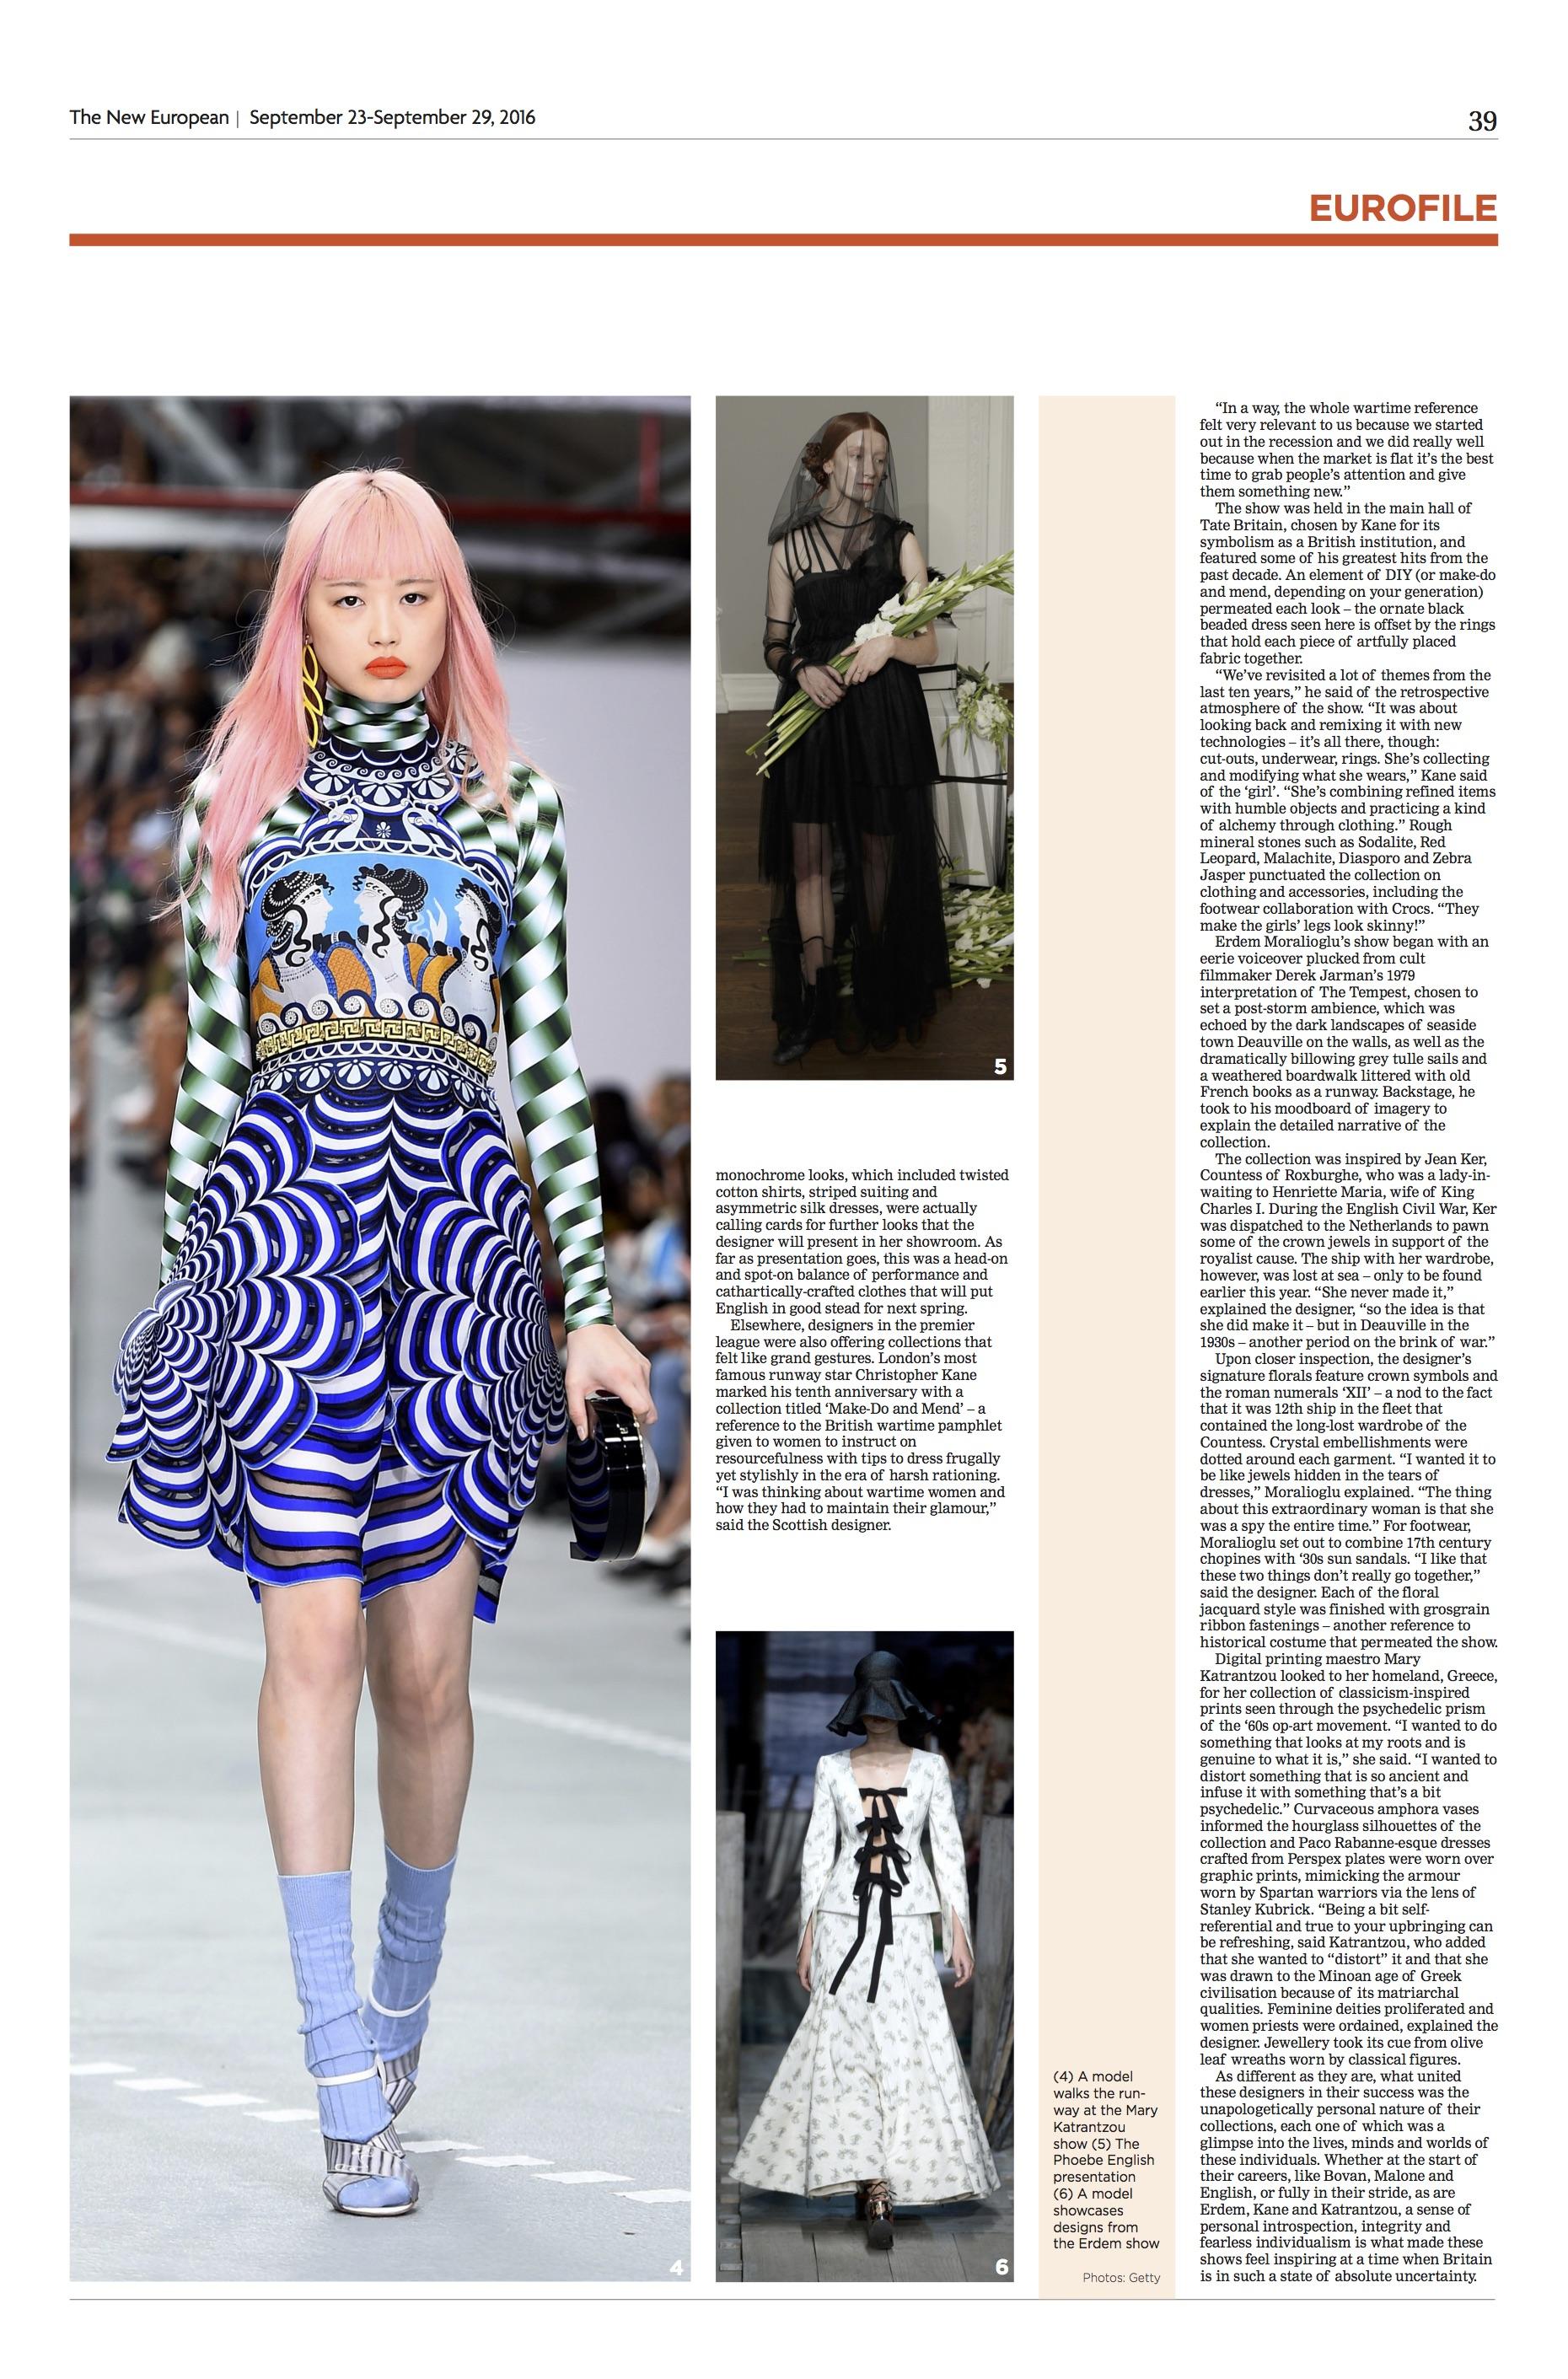 Fashion Column: LFW, The New European